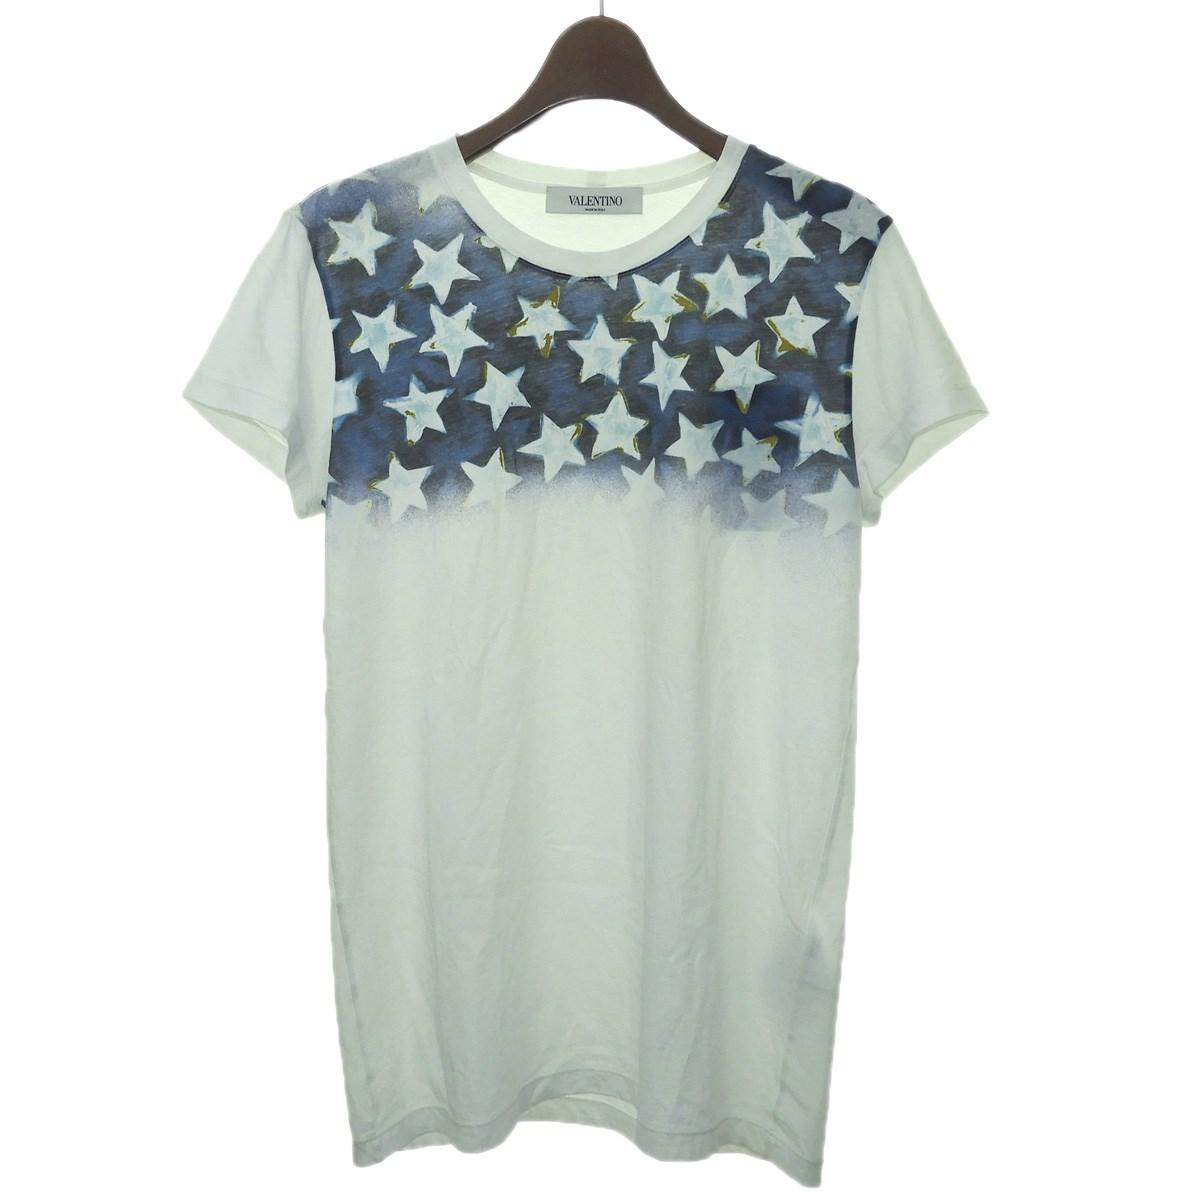 【中古】VALENTINO スタープリントTシャツ ホワイト サイズ:XS 【150220】(ヴァレンティノ)